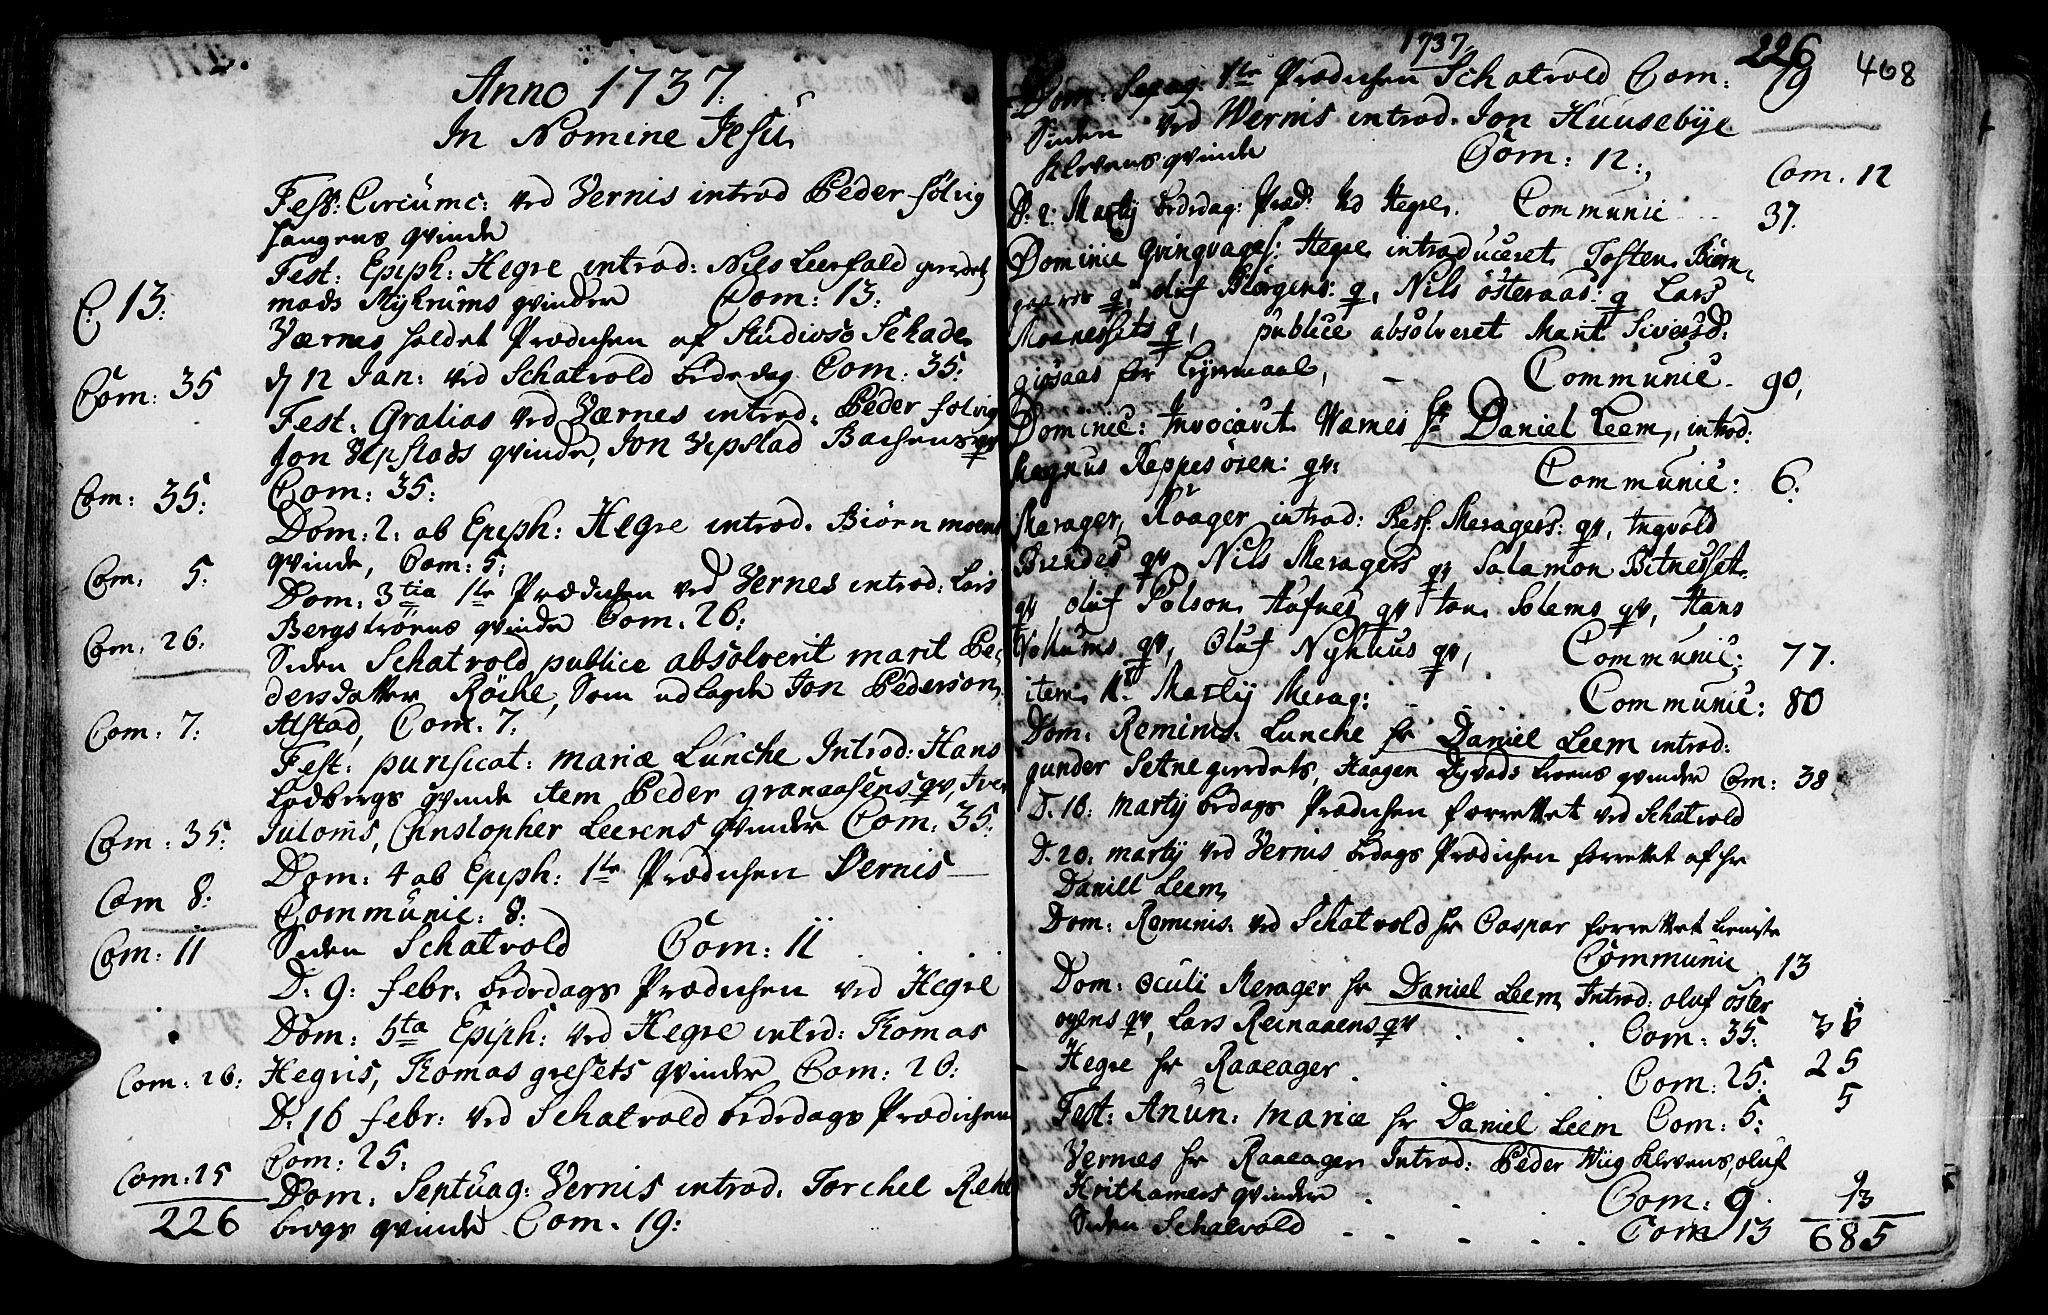 SAT, Ministerialprotokoller, klokkerbøker og fødselsregistre - Nord-Trøndelag, 709/L0054: Ministerialbok nr. 709A02, 1714-1738, s. 467-468